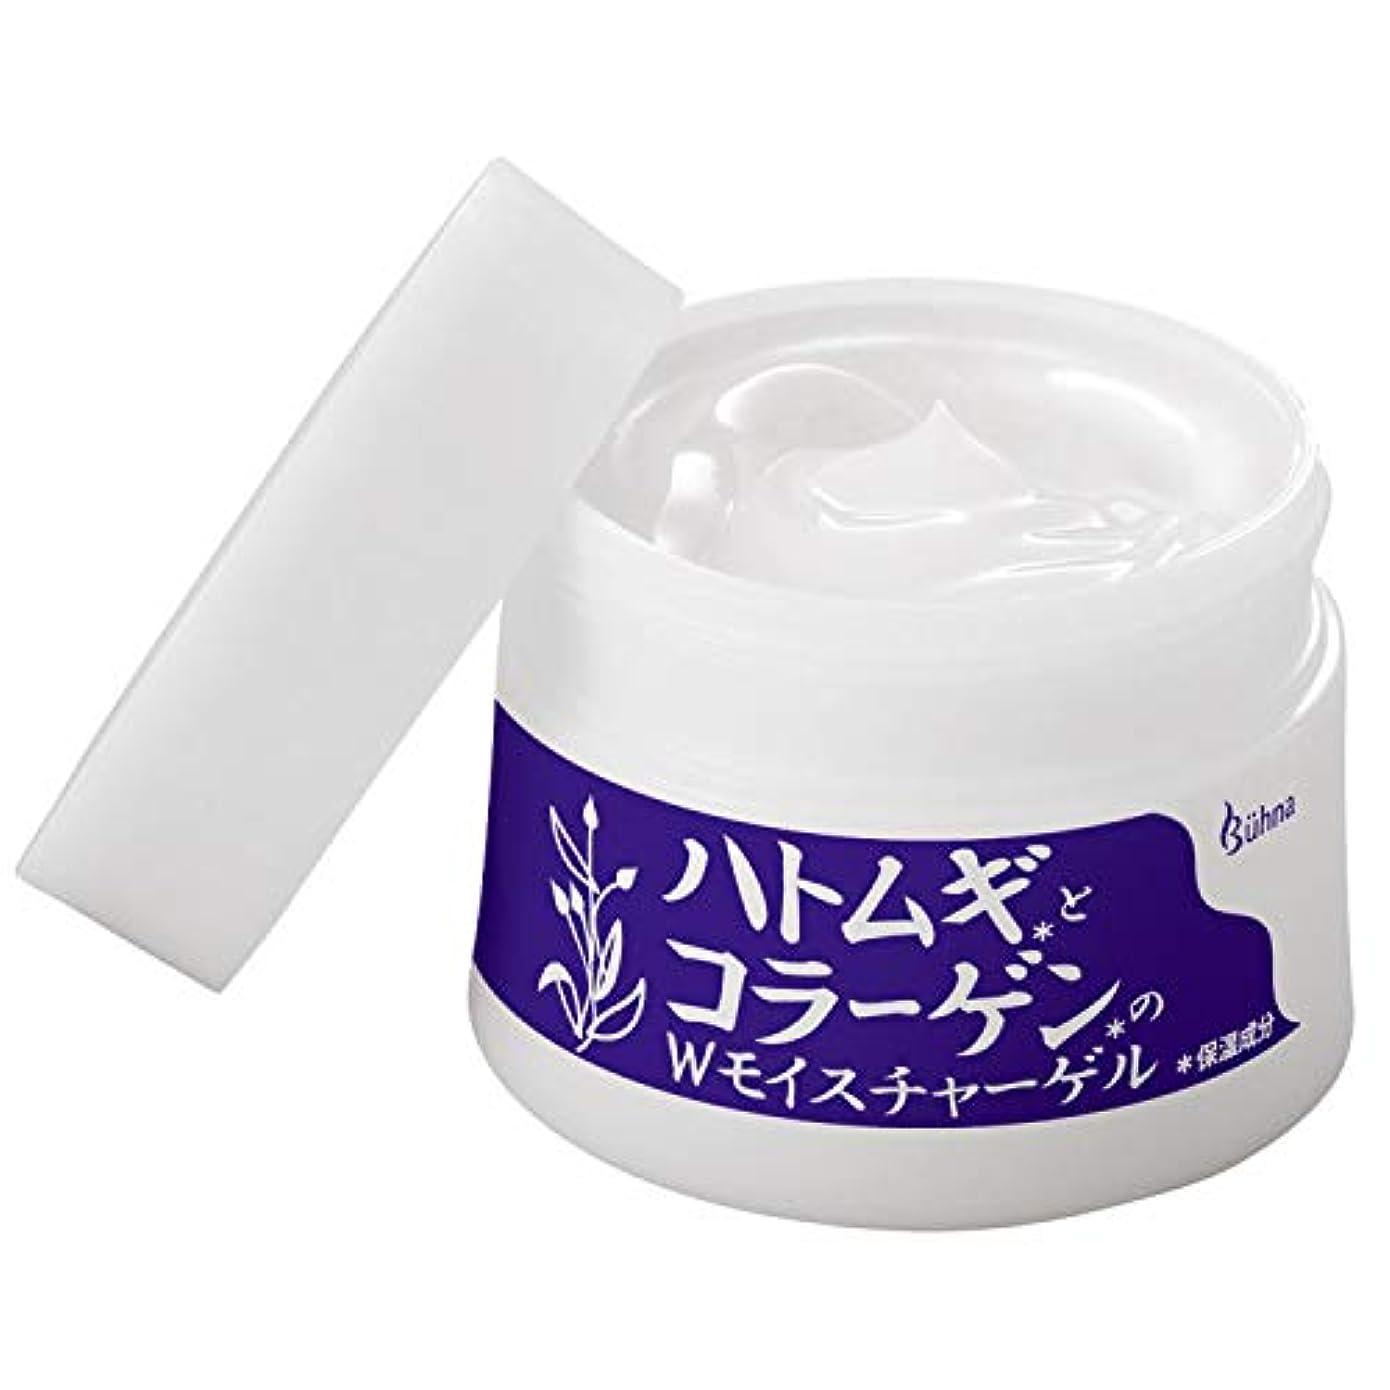 インポート滑る署名ビューナ ハトムギとコラーゲンのWモイスチャーゲル150g 保湿 オールインワン 美容液 化粧水 乳液